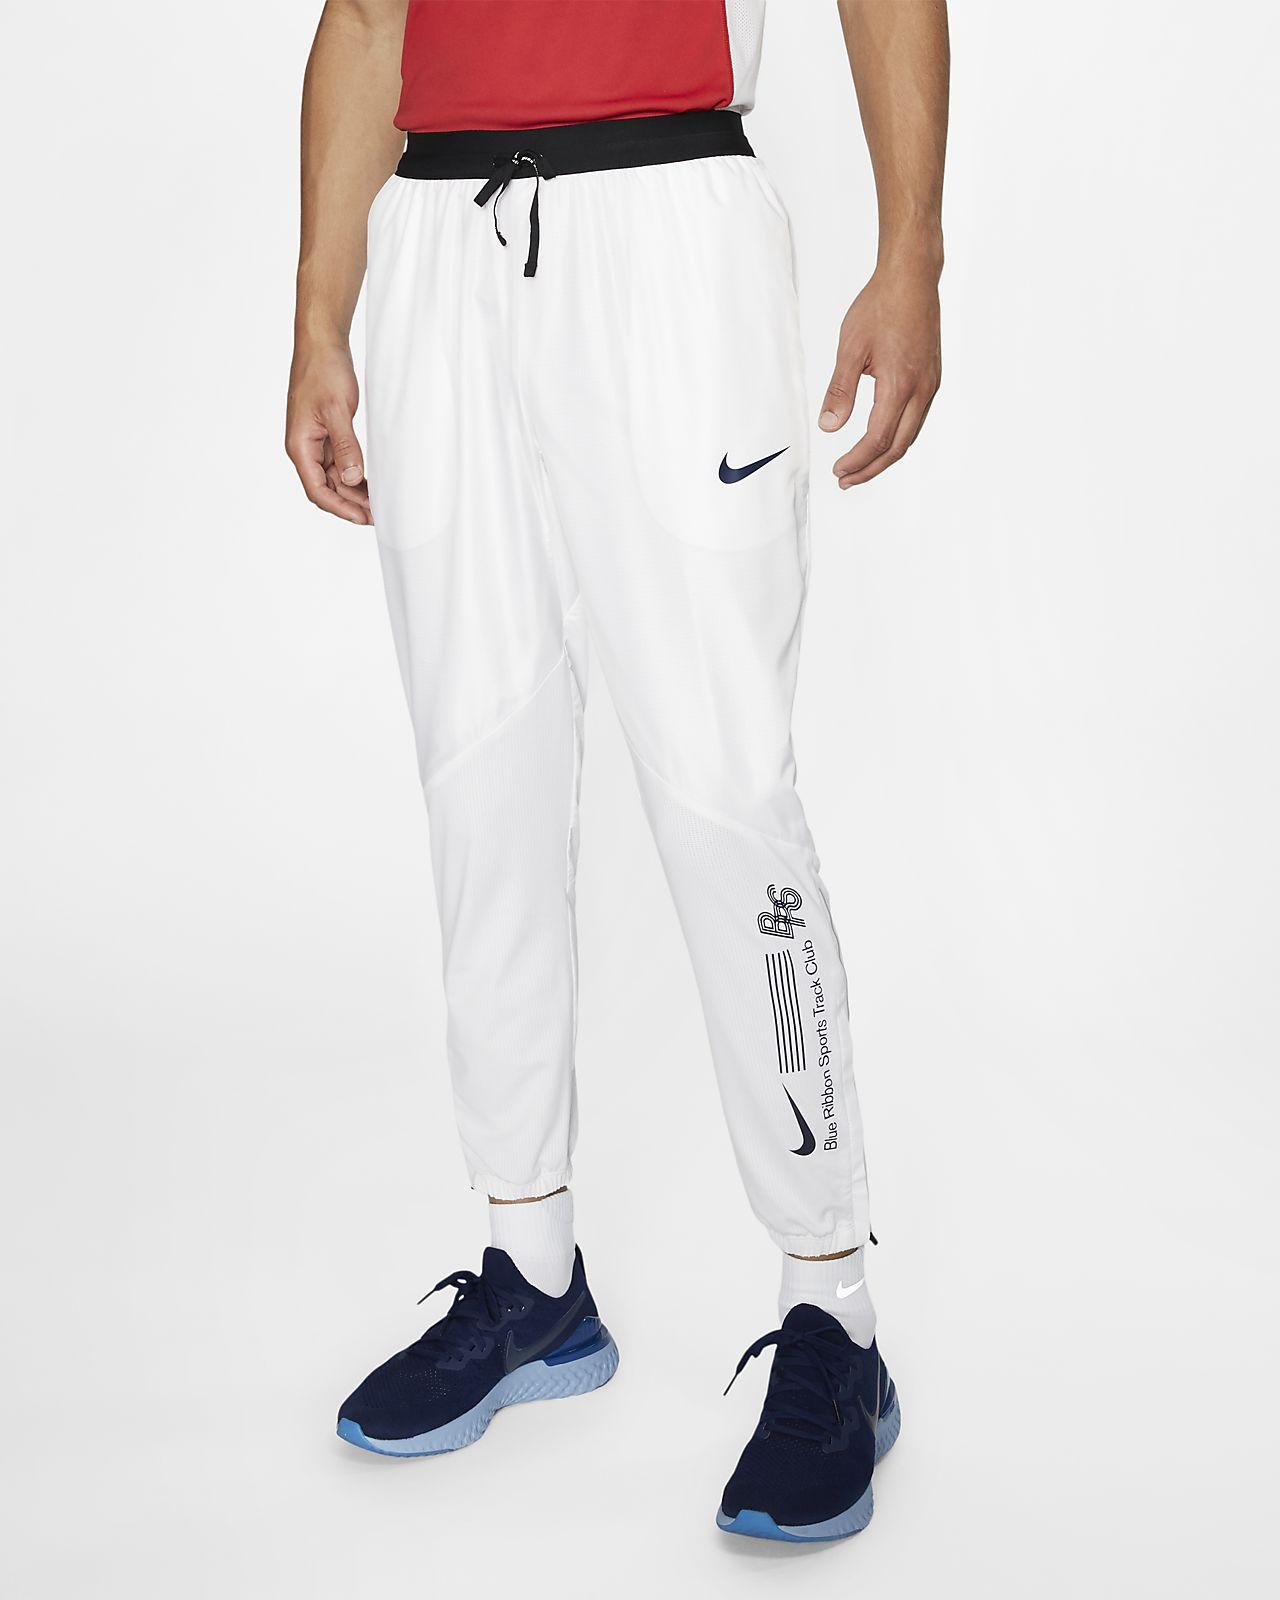 Nike BRS Hardloopbroek voor heren